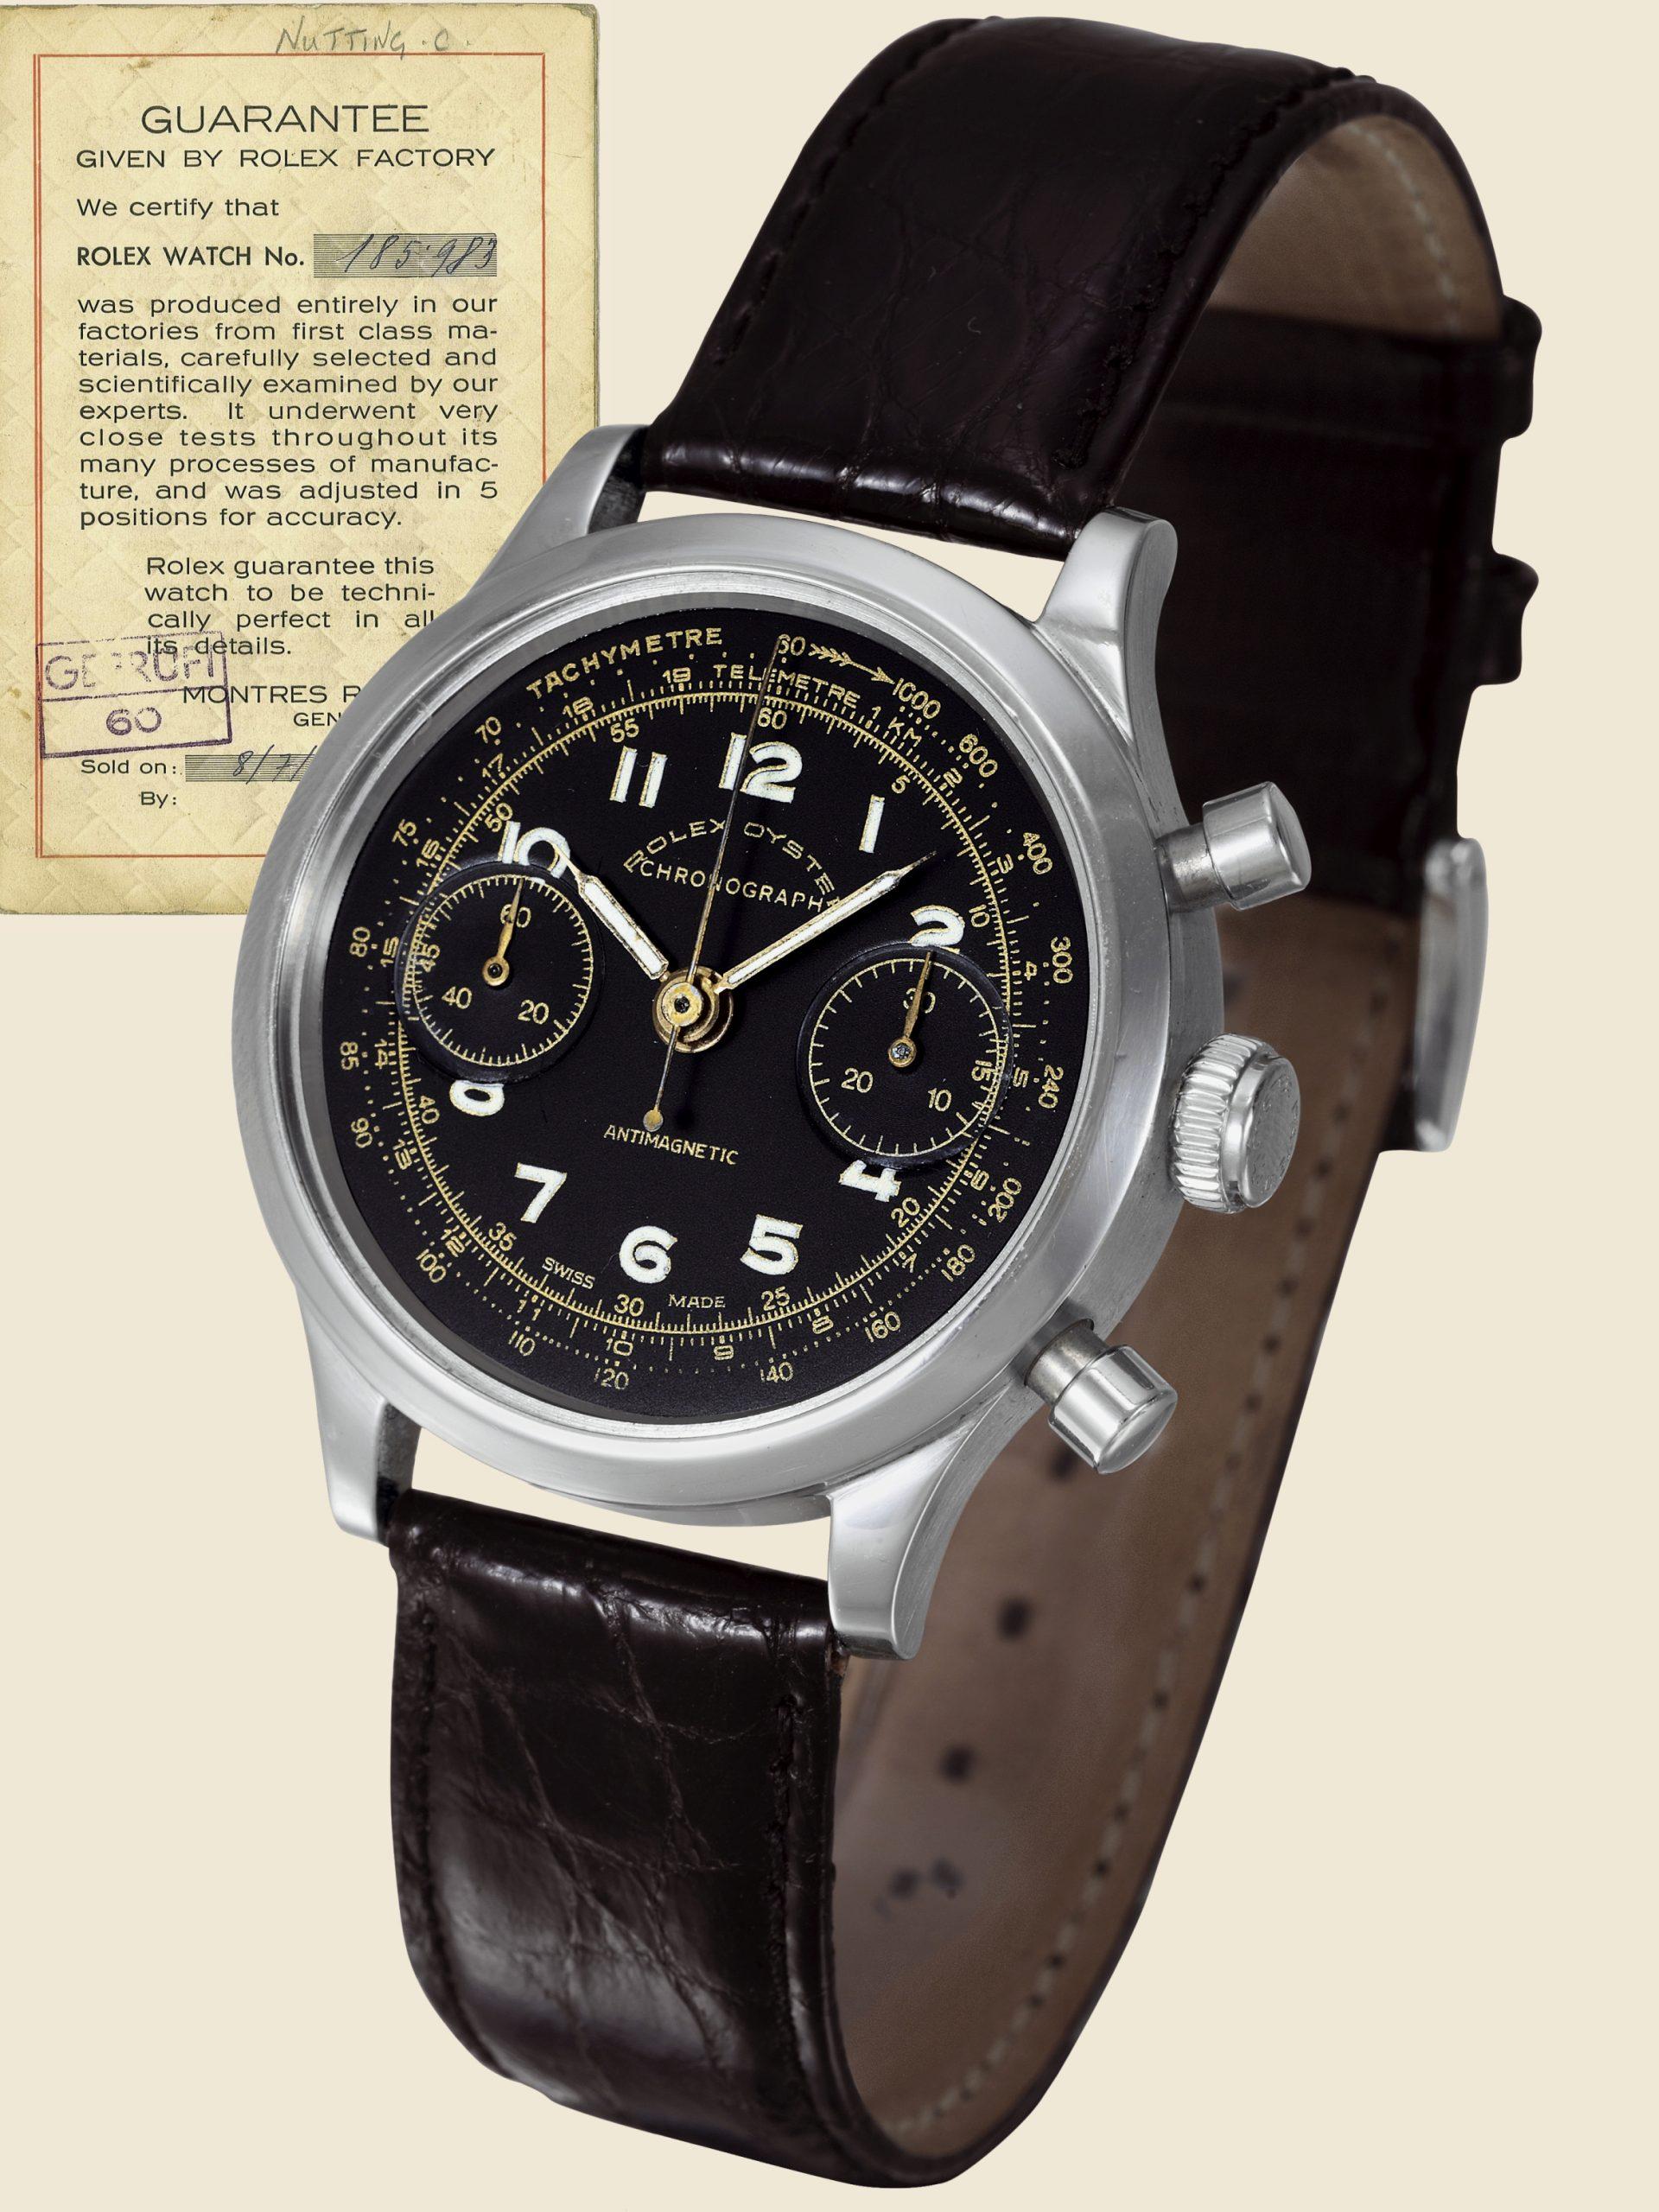 שעון הרולקס שסייע בתכנון הבריחה מהנאצים - השעון של נוטינג מפורסם למכירה על ידי אנטיקורום. מקור - אנטיקורום.